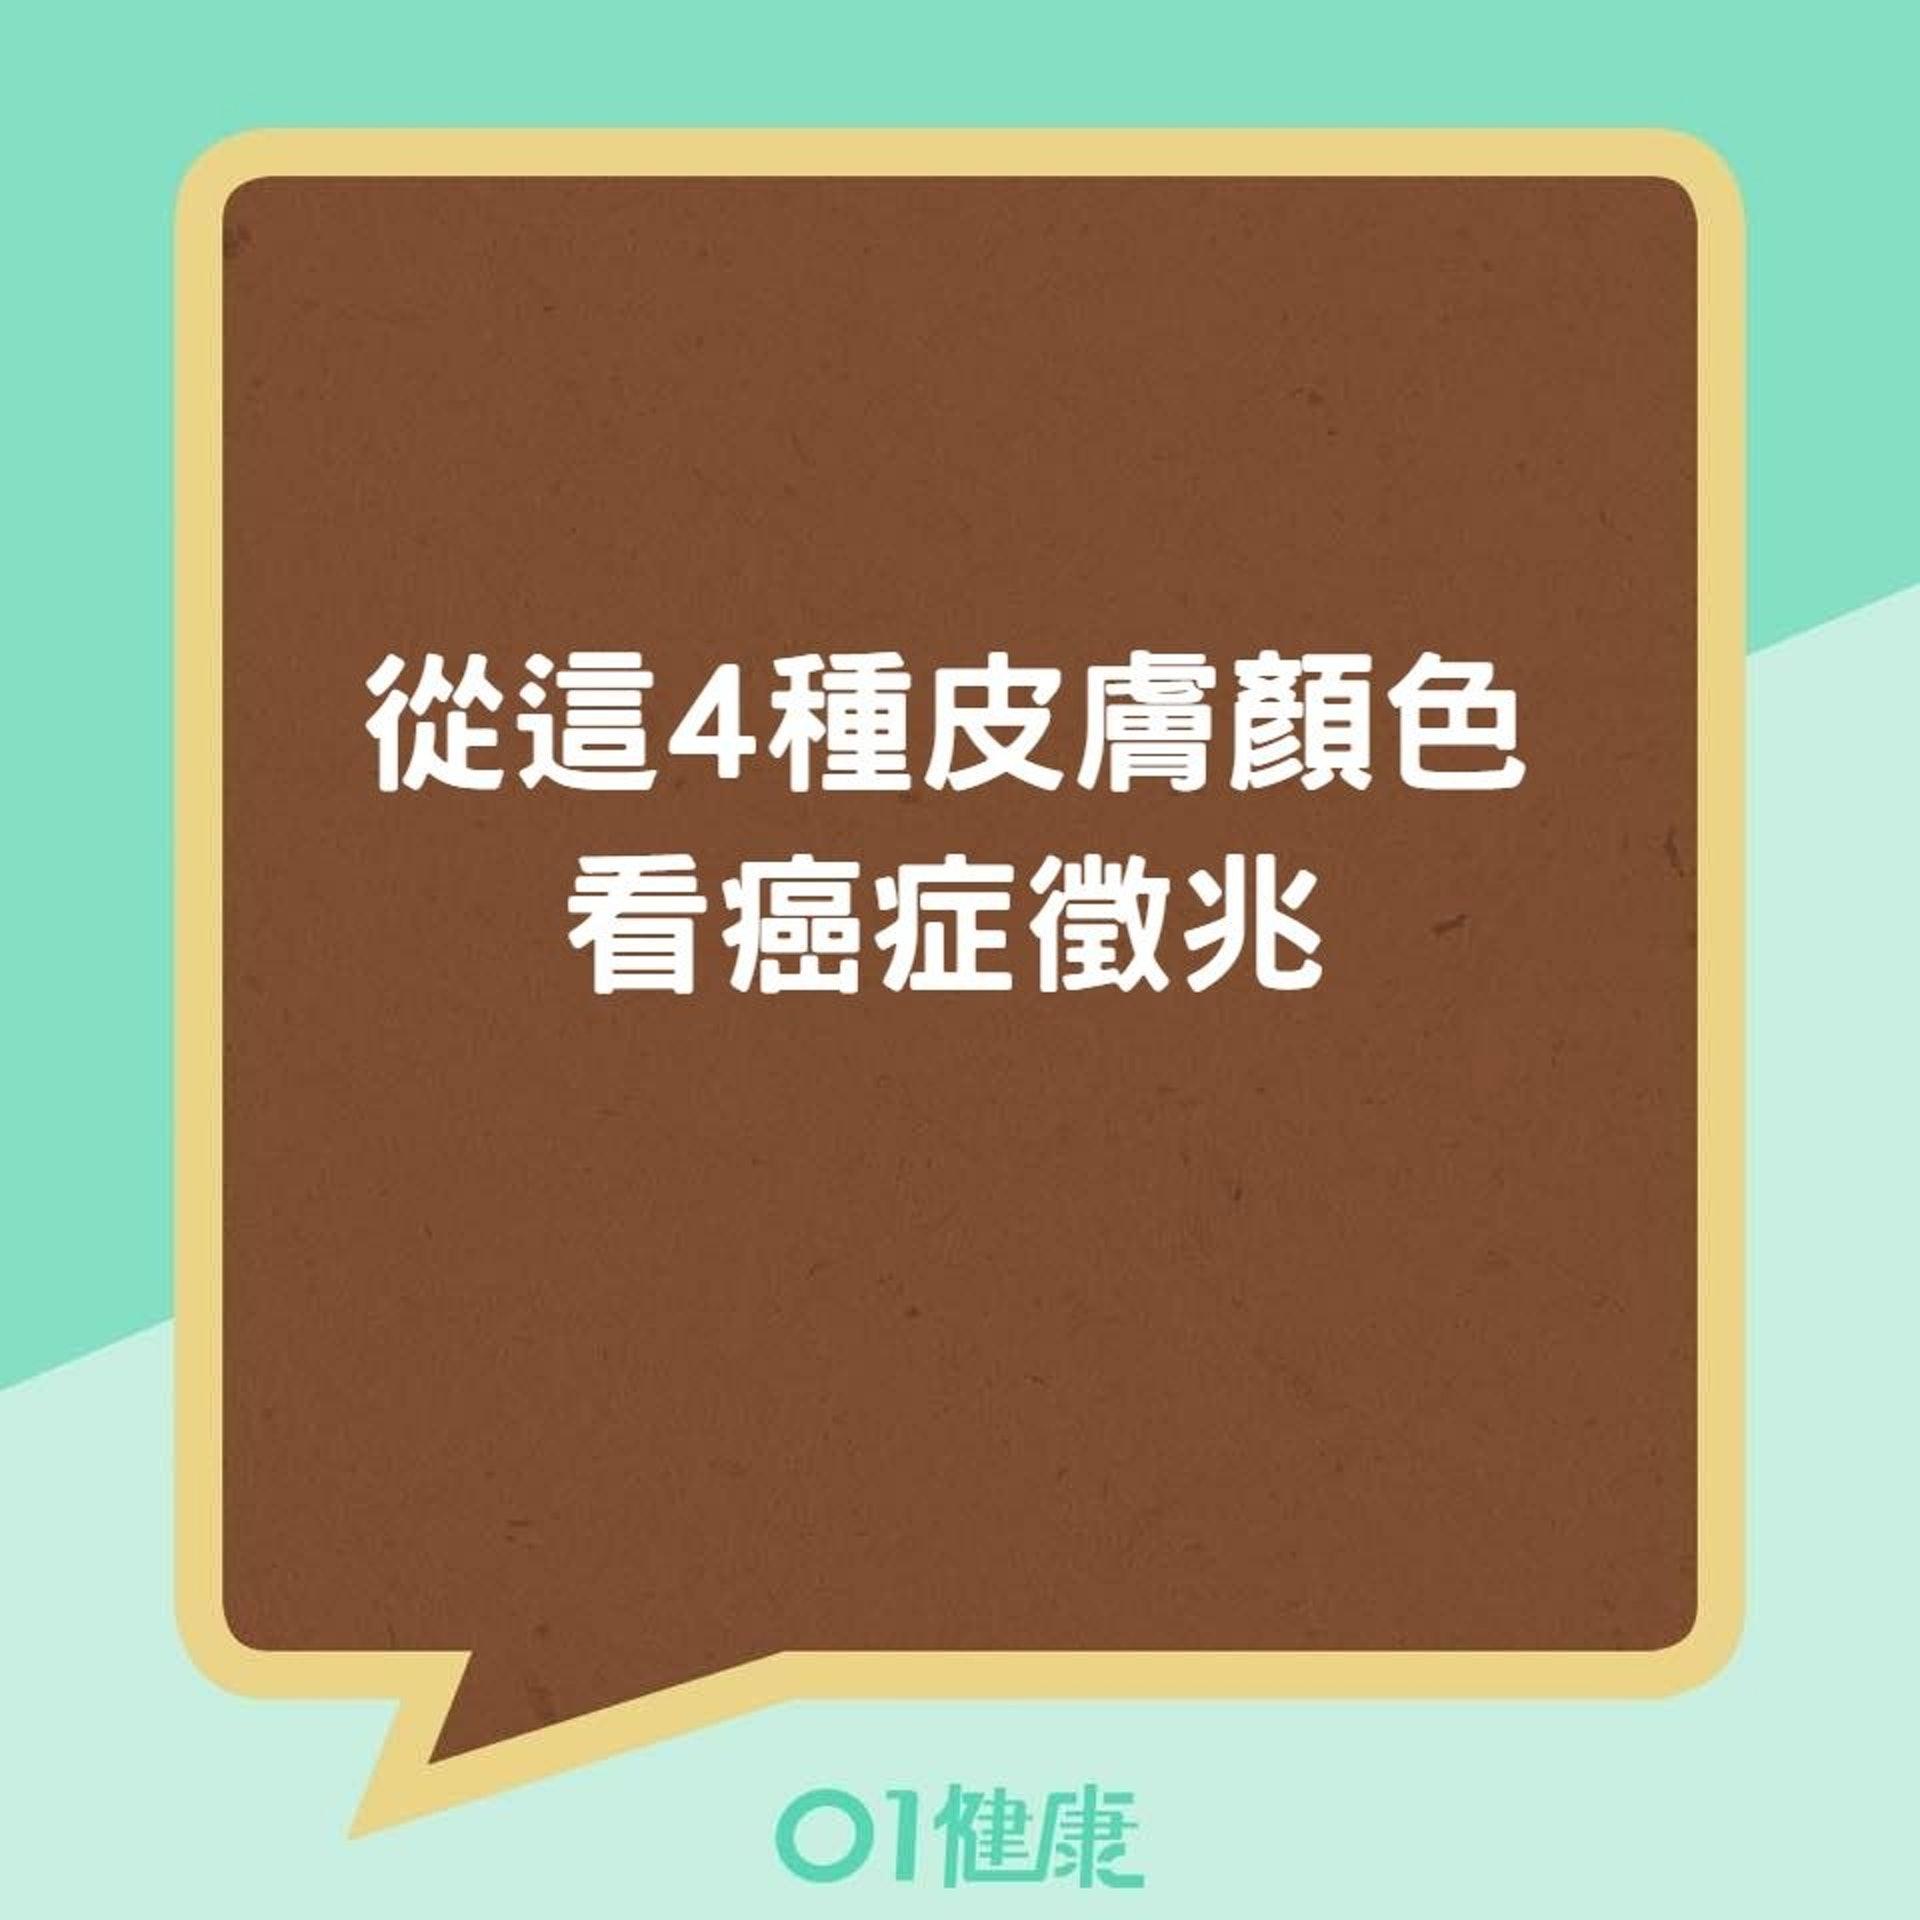 從這4種皮膚顏色看癌症徵兆(香港01製圖)